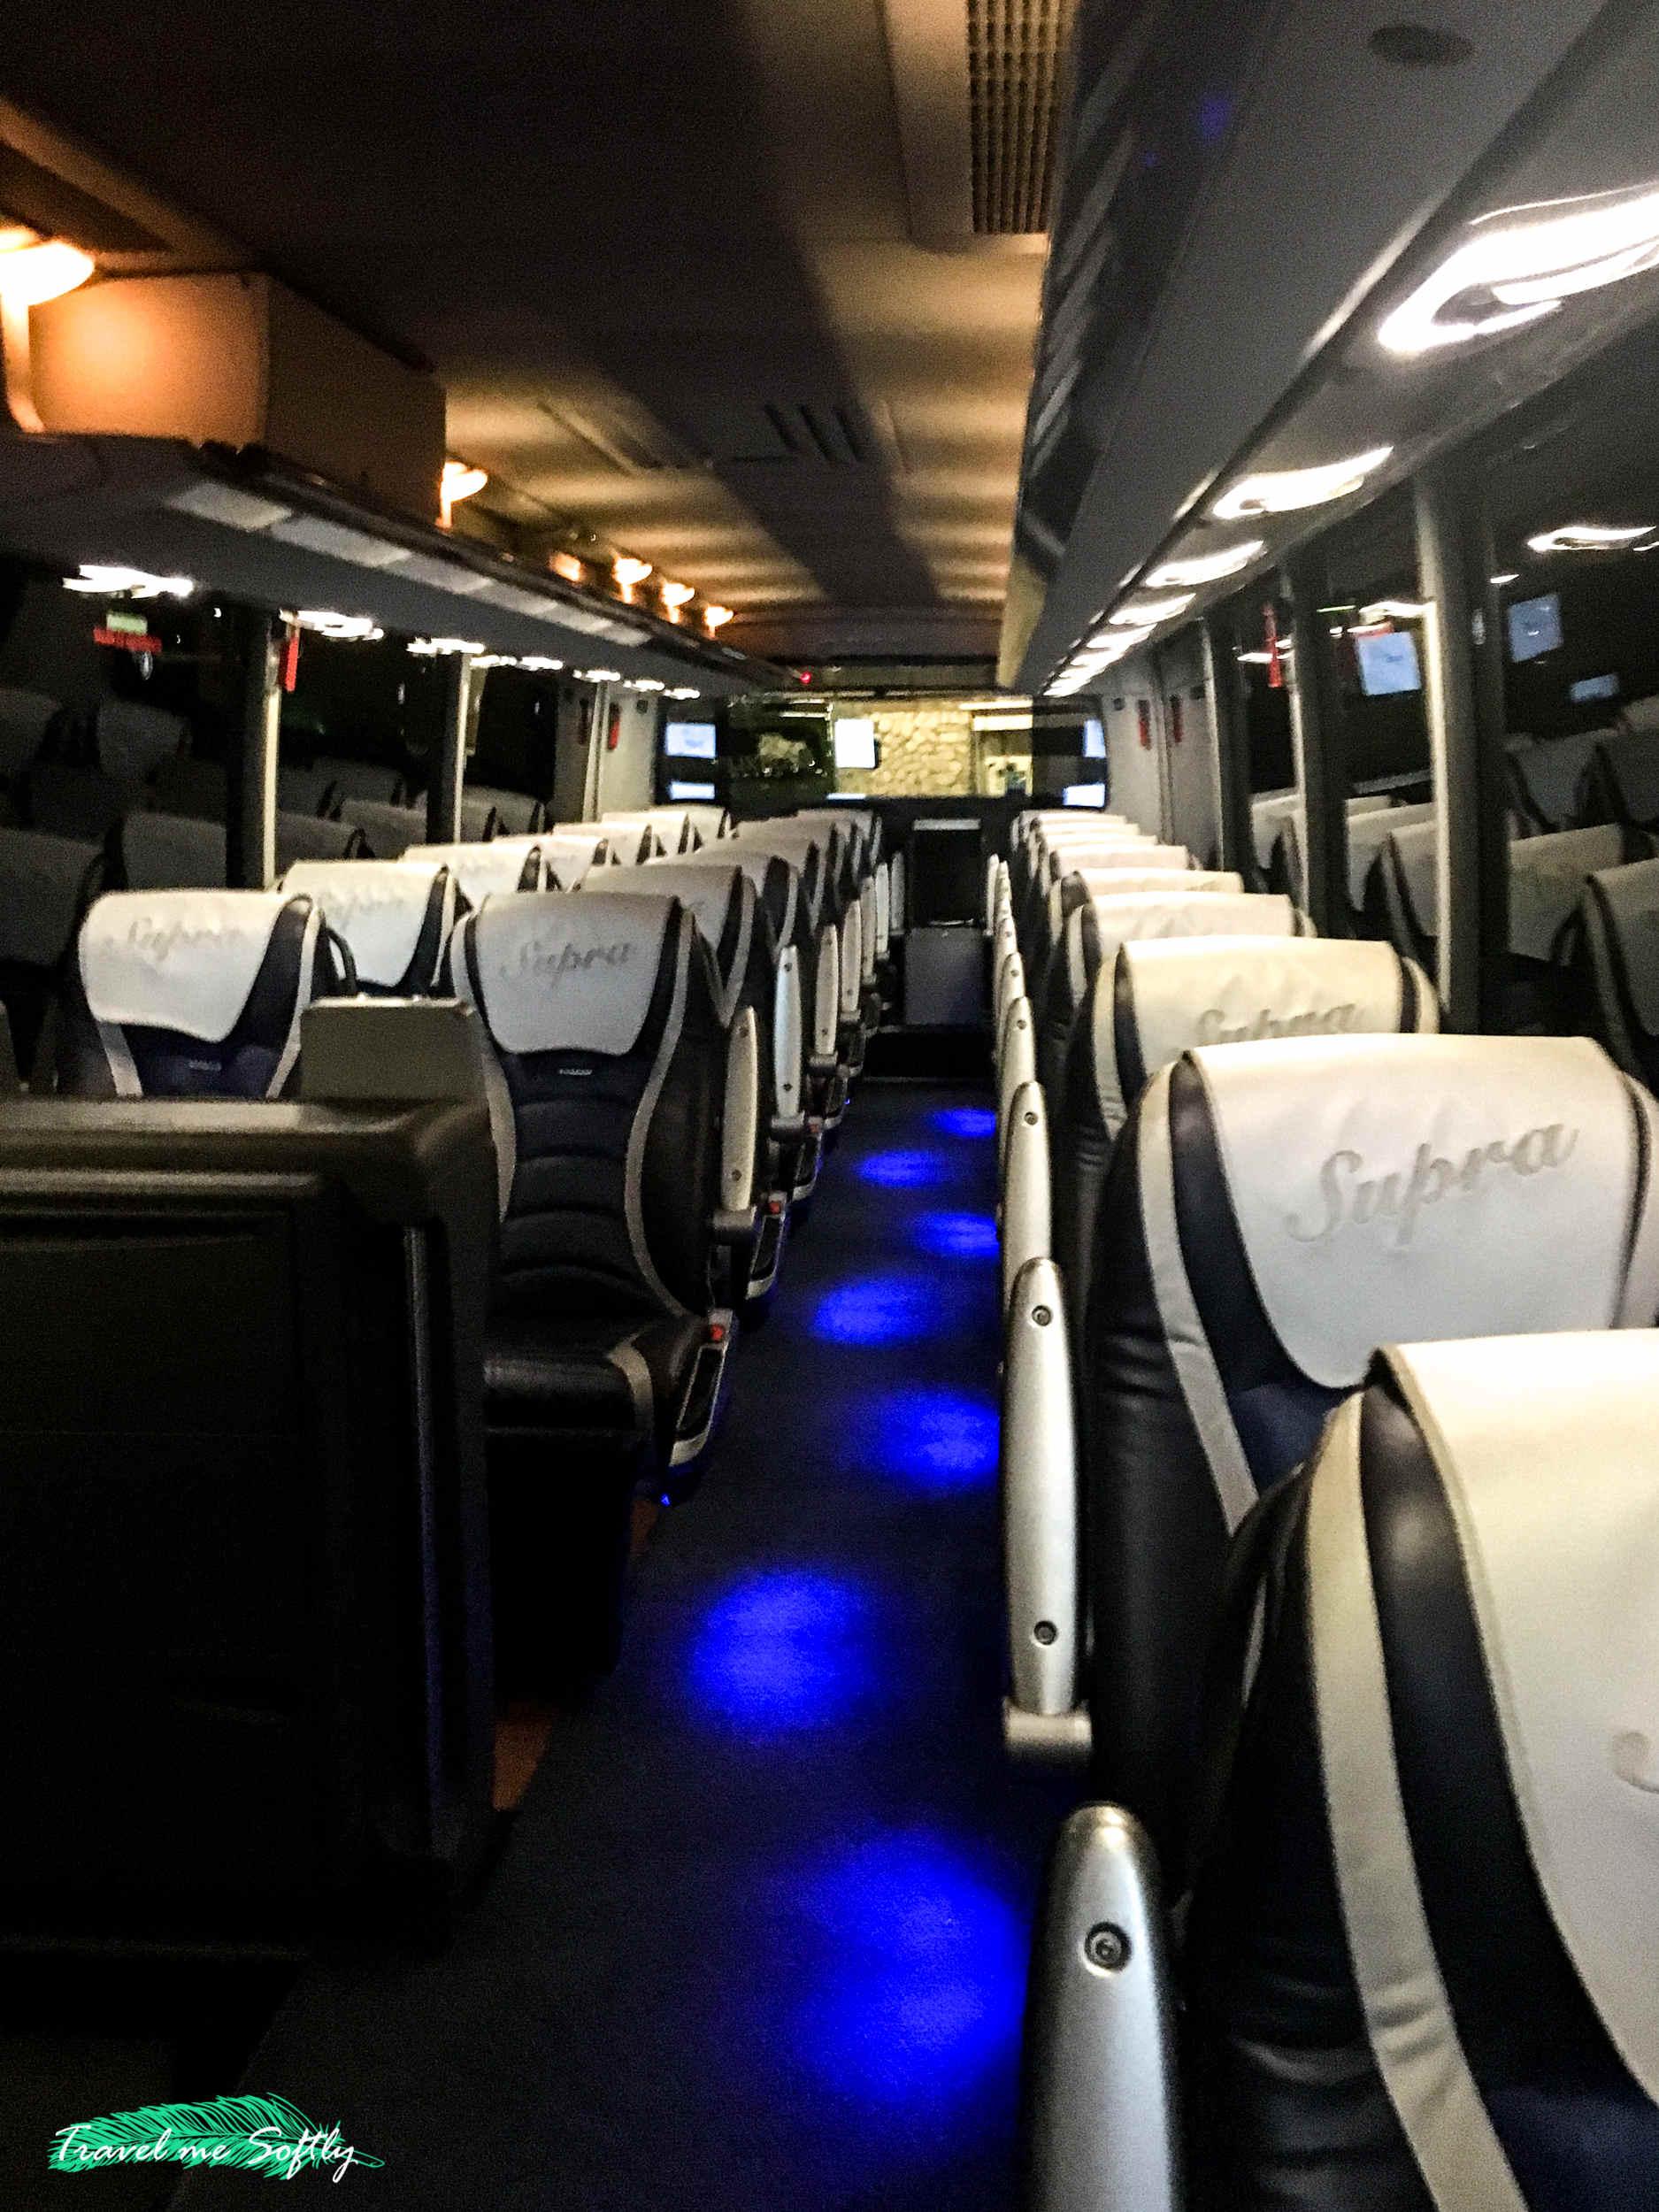 aniversario de bcntb alsa buses